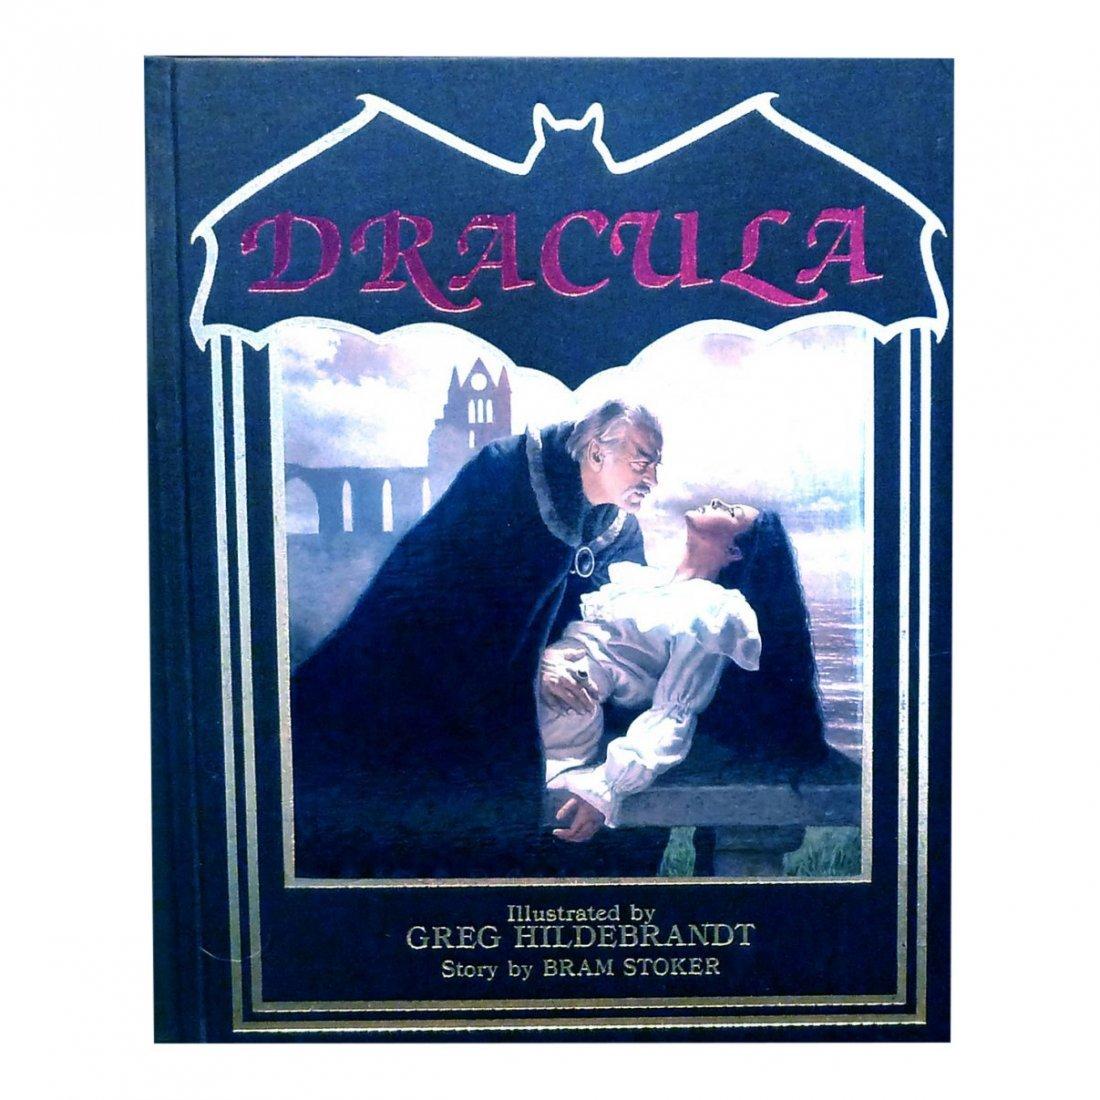 Bram Stoker: Dracula - Signed